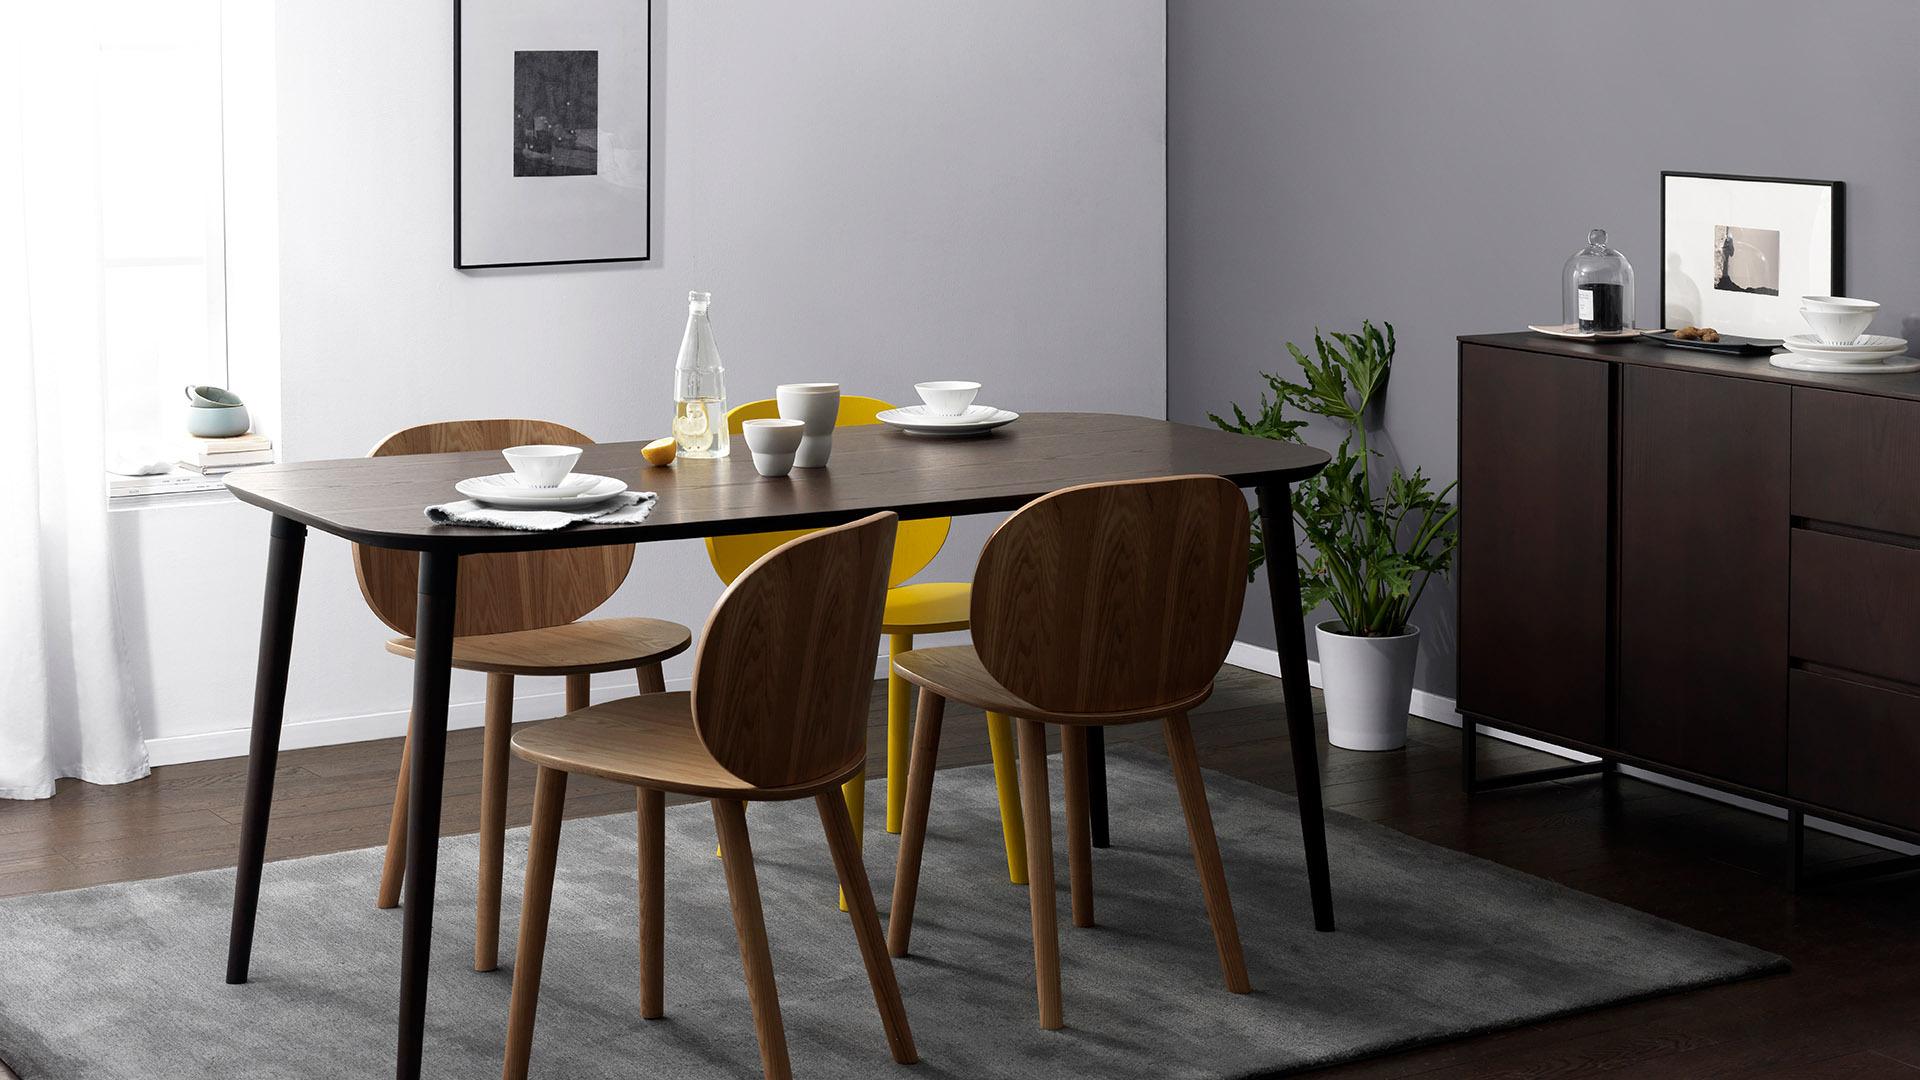 4~6人欢聚,摆一桌质感家宴